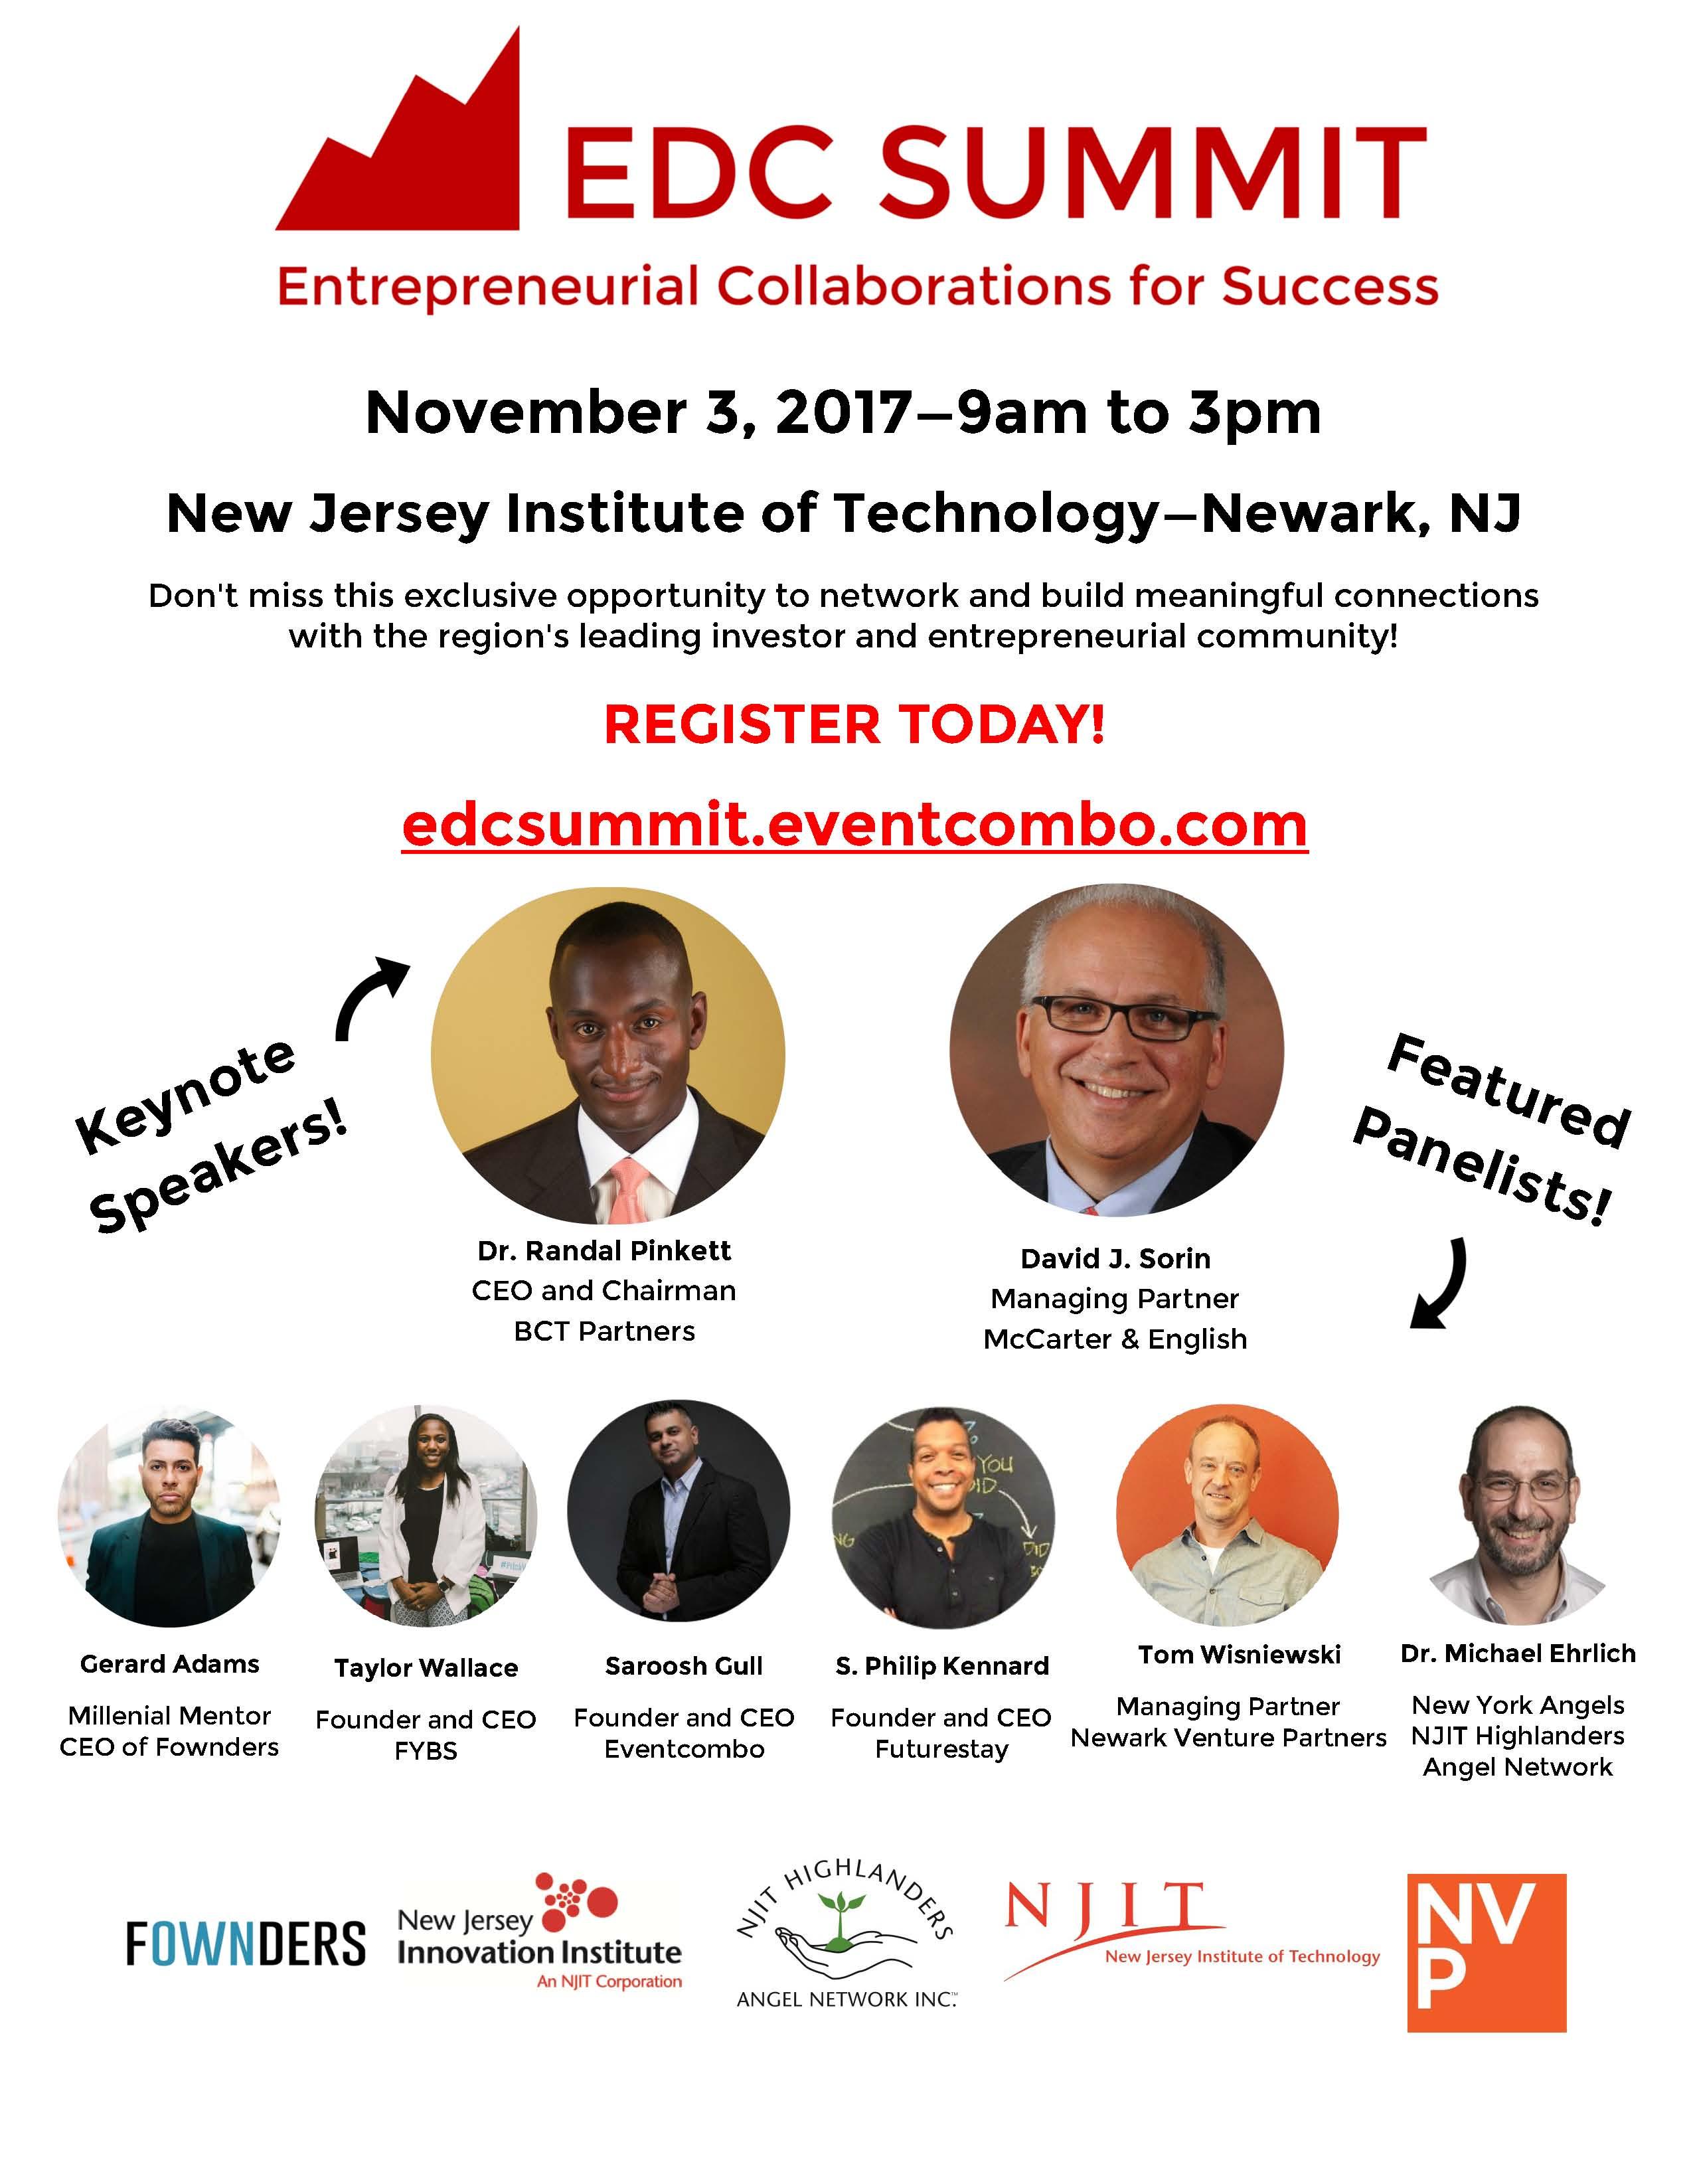 EDC Venture Summit 2017 | Eventcombo